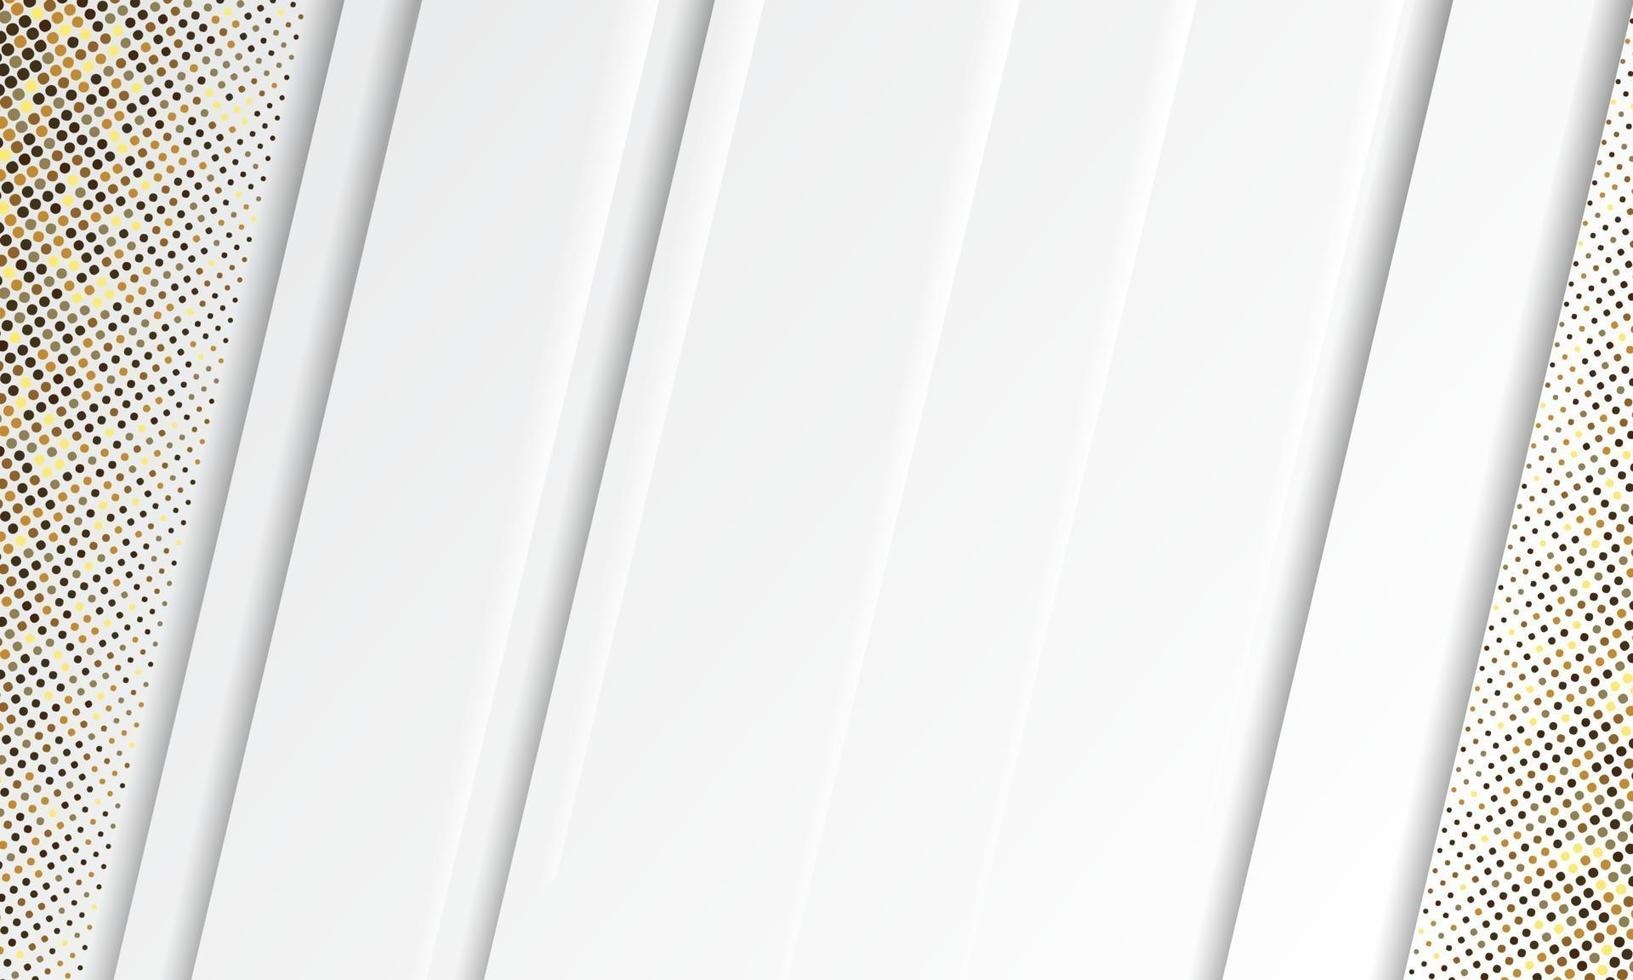 abstrakter weißer Hintergrundvektor. eleganter Konzeptentwurfsvektor. Textur mit Silber glitzert Punkte Element Dekoration. vektor